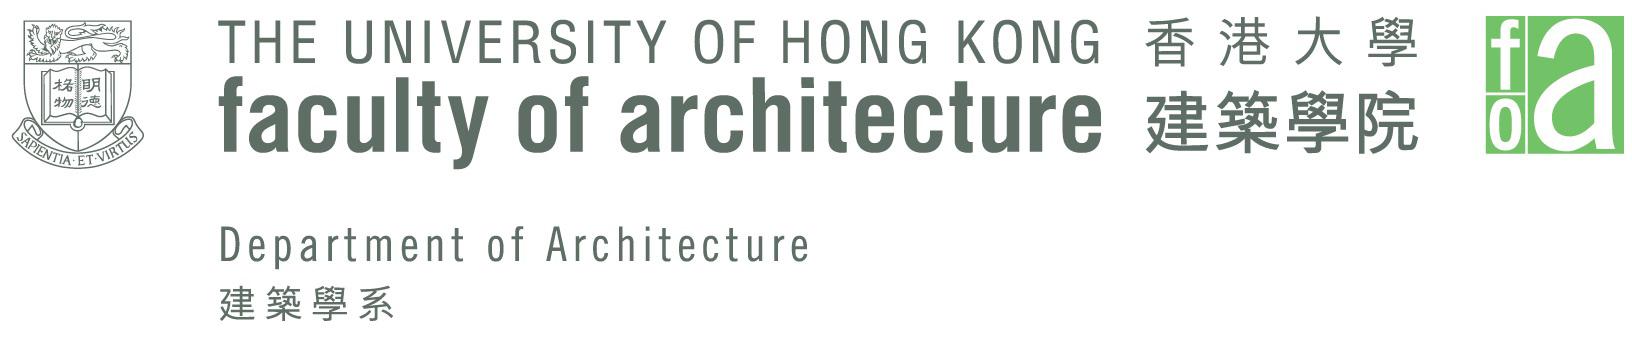 communication/folder/TNA/HKU/hku-logo-01-doa.jpg